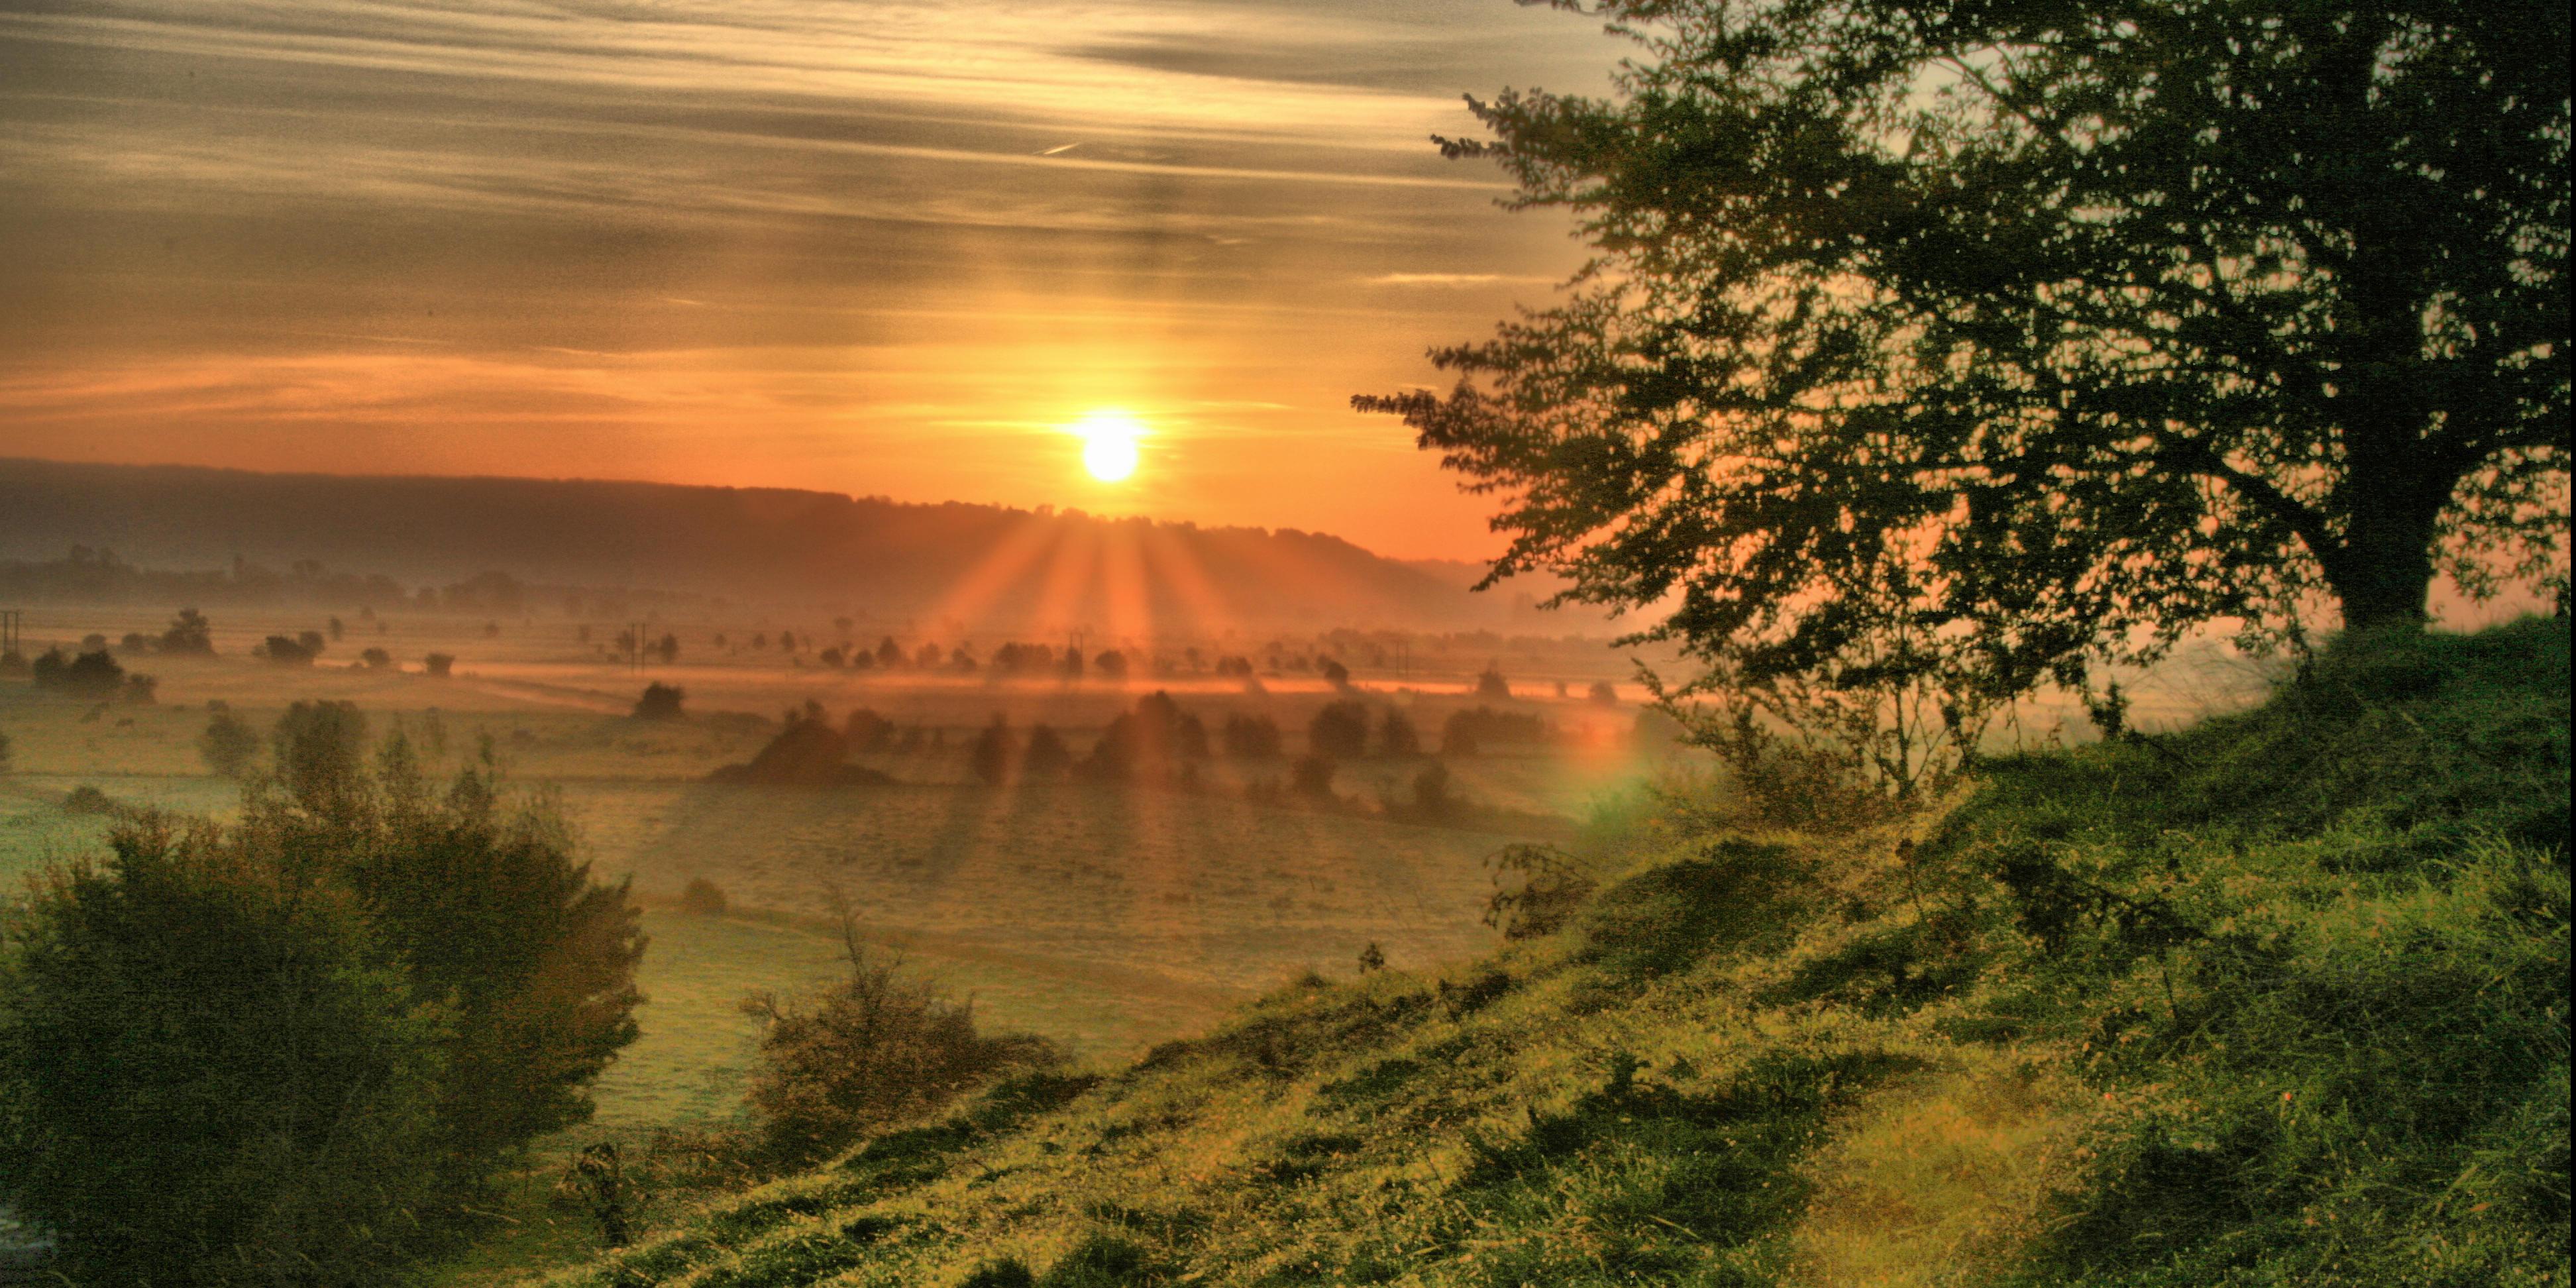 Free Bible Quotes Wallpaper File Sunrise From Burrow Mump Burrowbridge Somerset